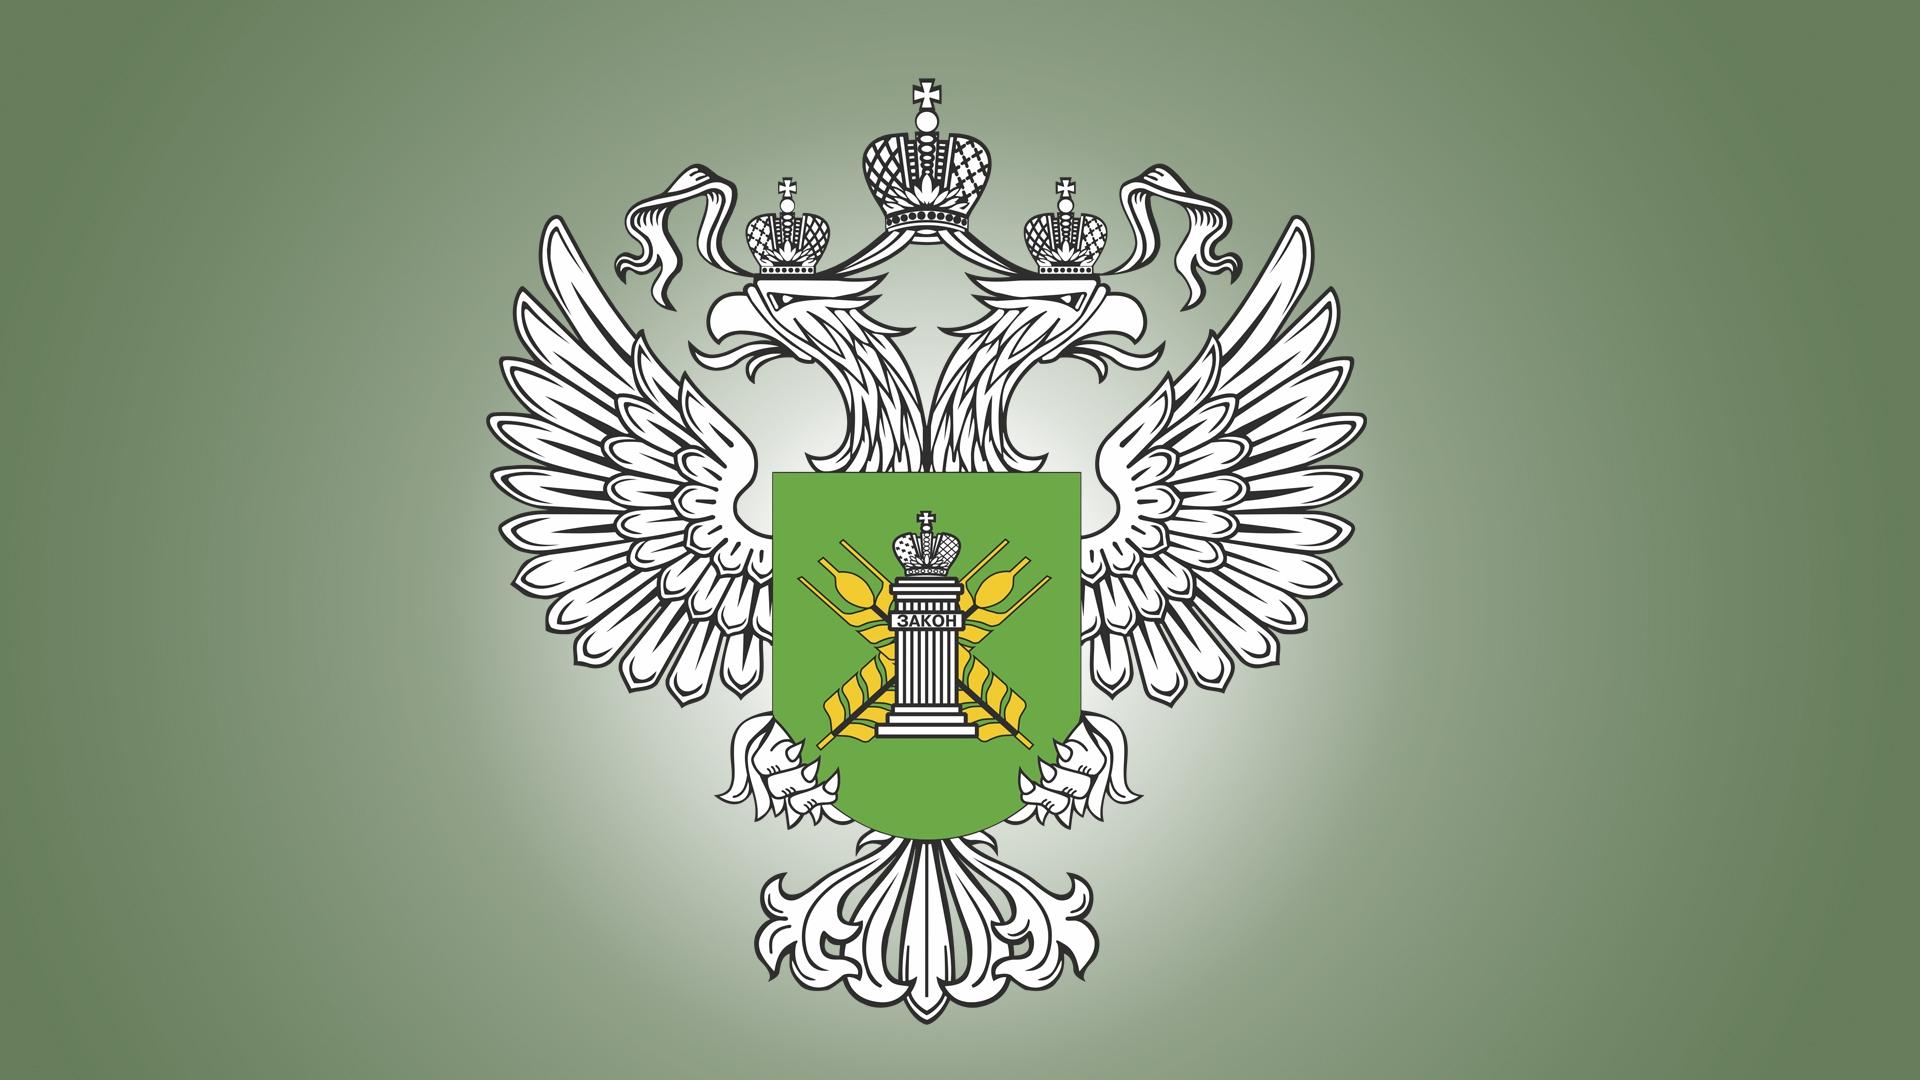 С начала года в Тверской области выявили 8 свалок на сельхозугодьях - новости Афанасий